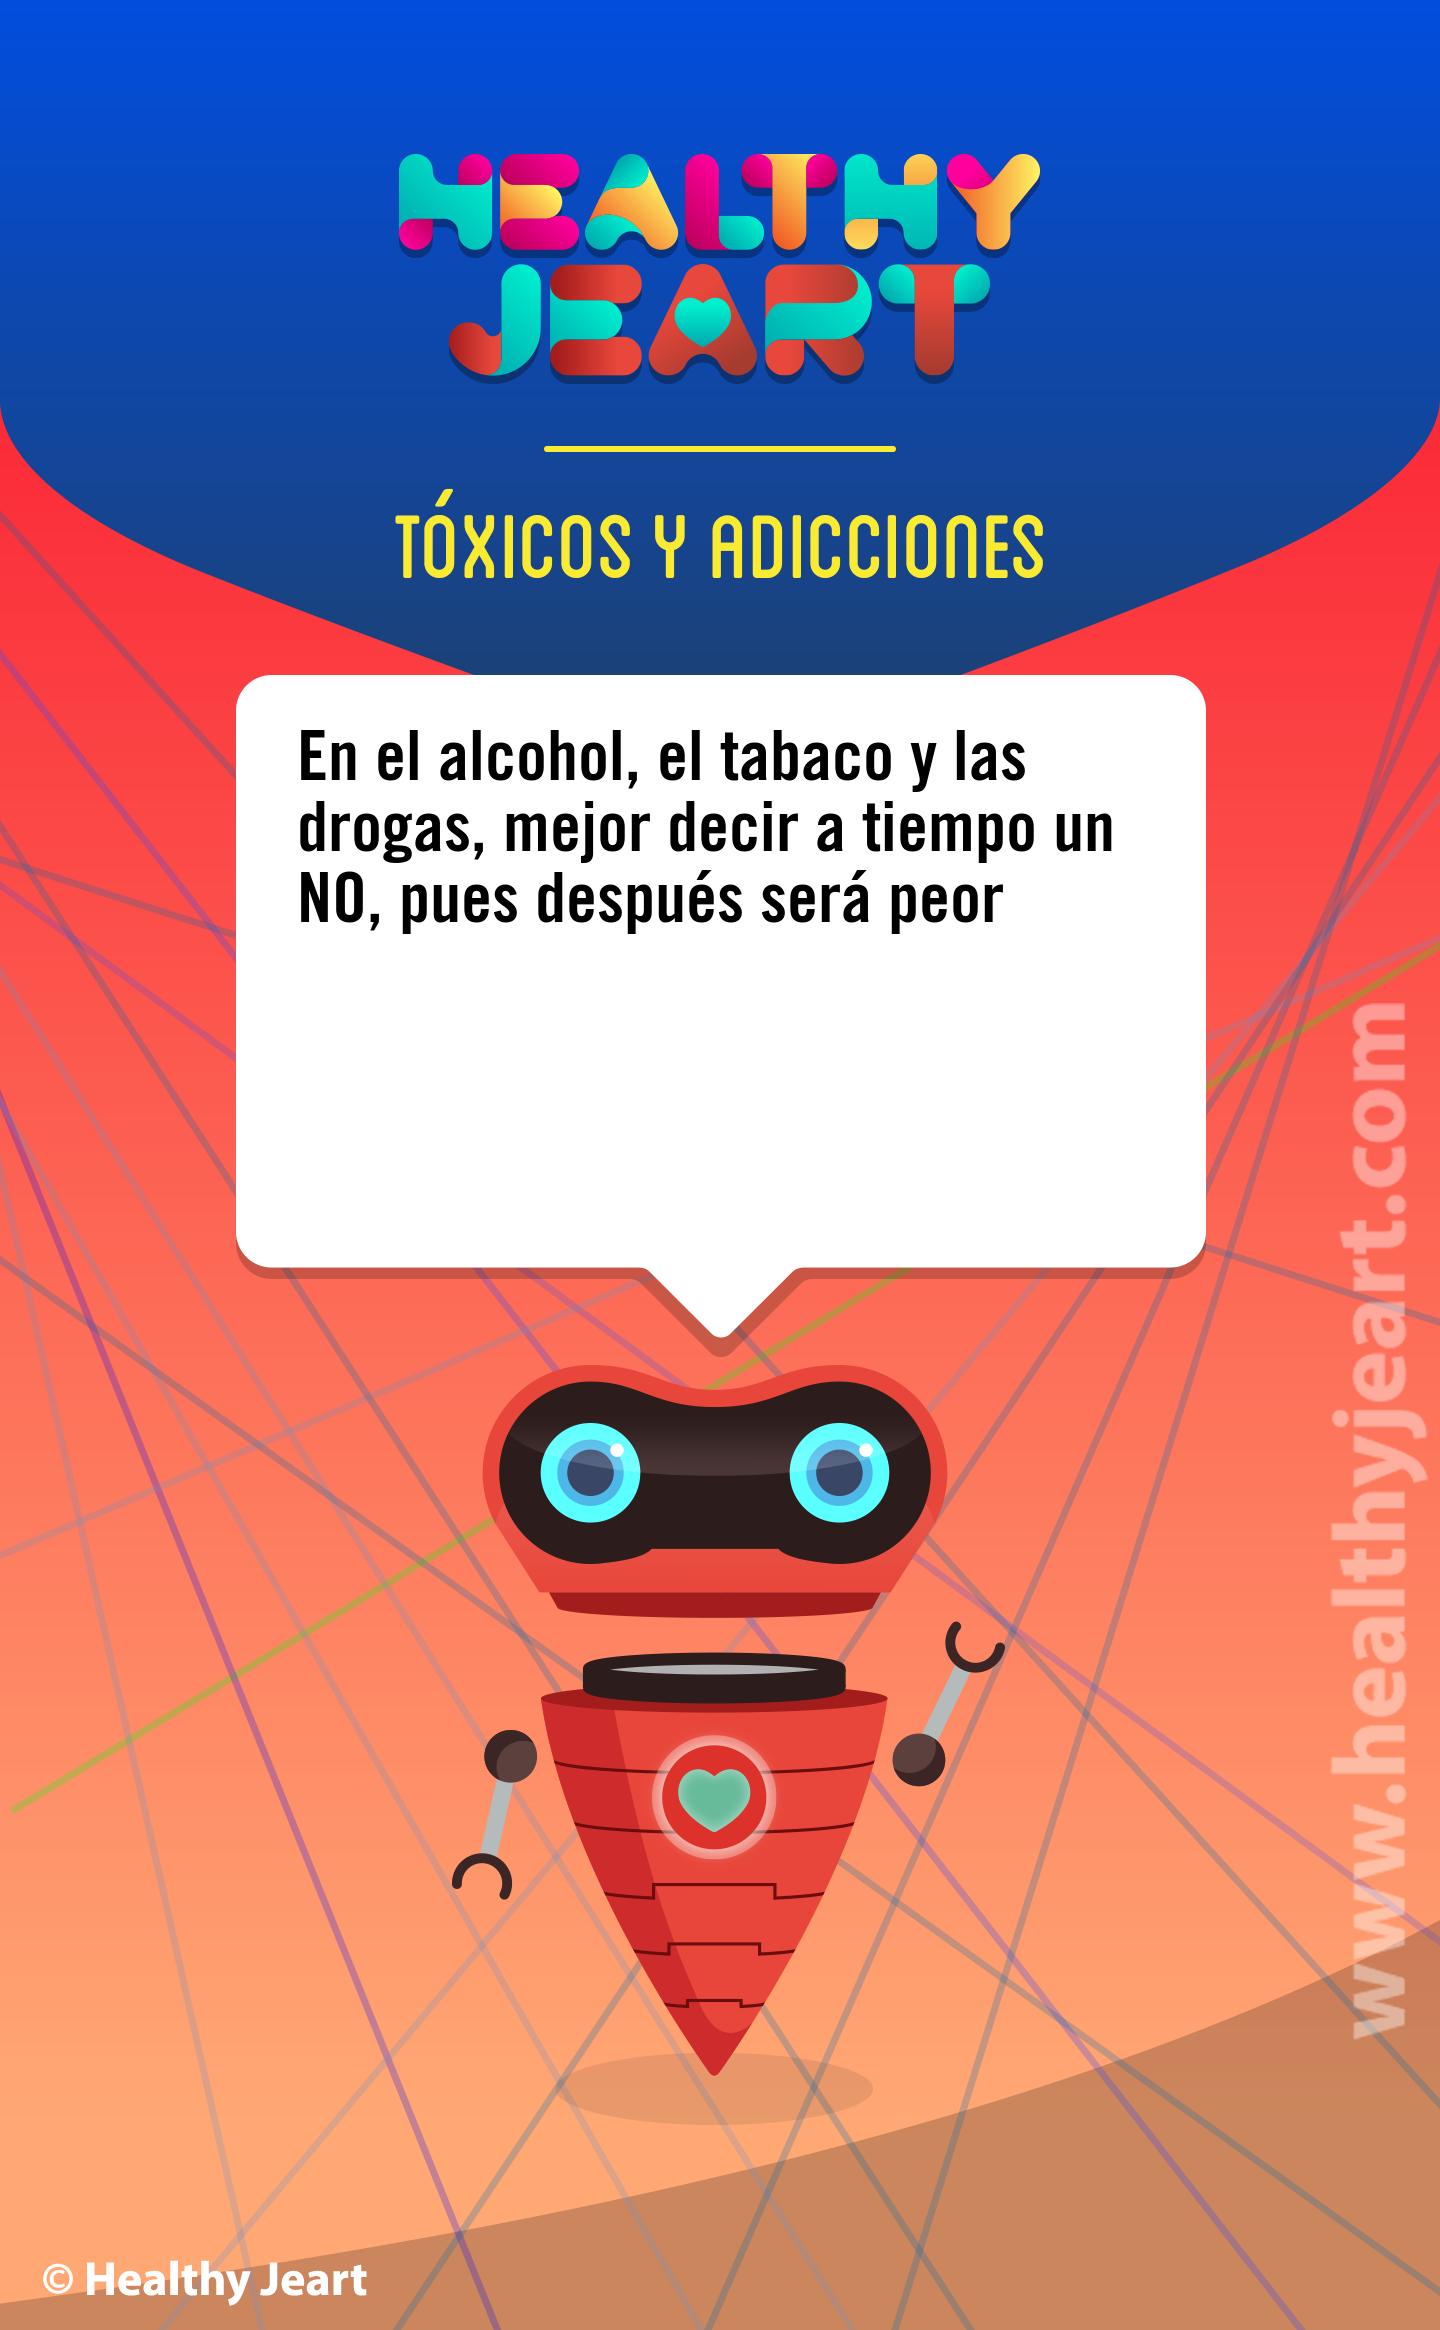 En el alcohol, el tabaco y las drogas, mejor decir a tiempo un NO, pues después será peor